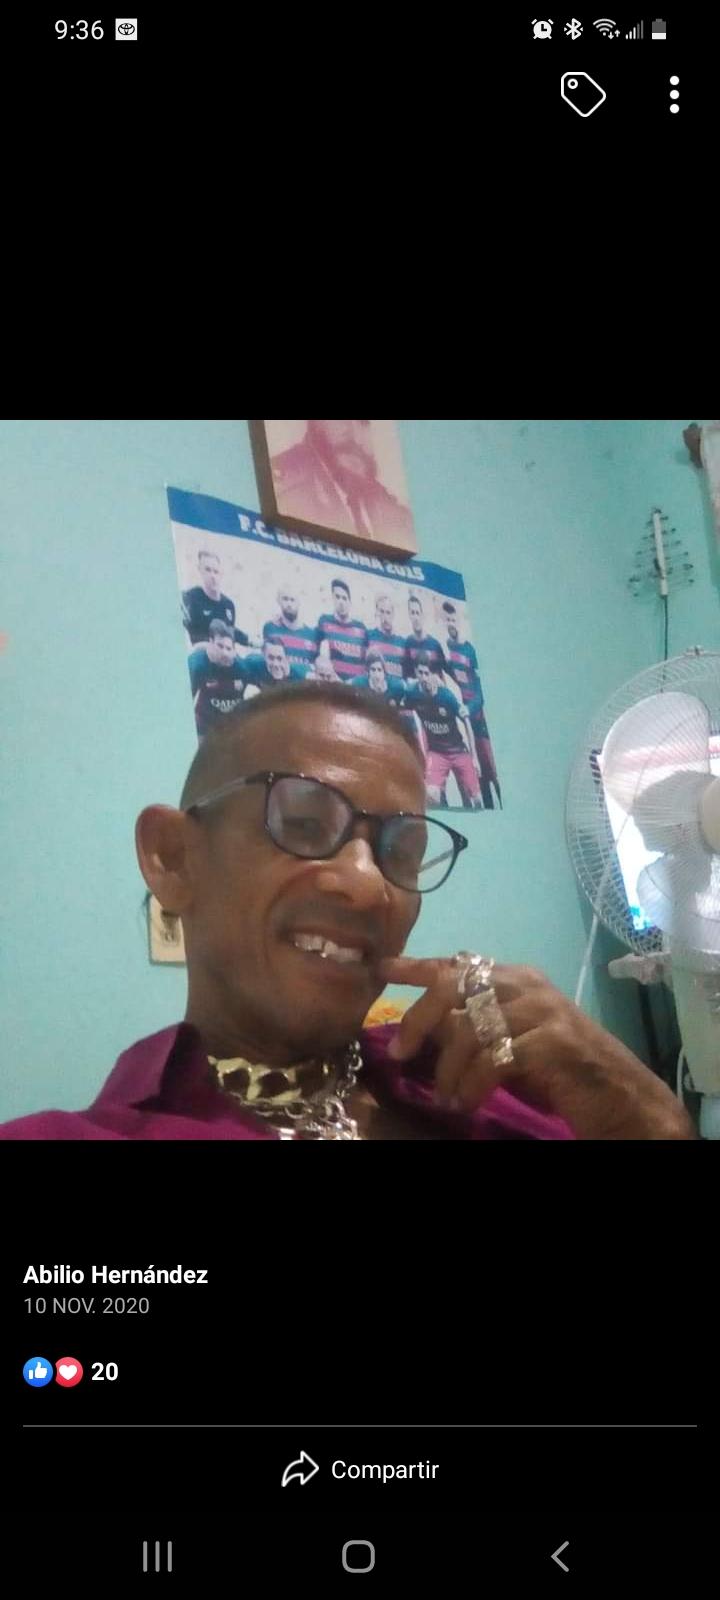 Abilio Hernandez